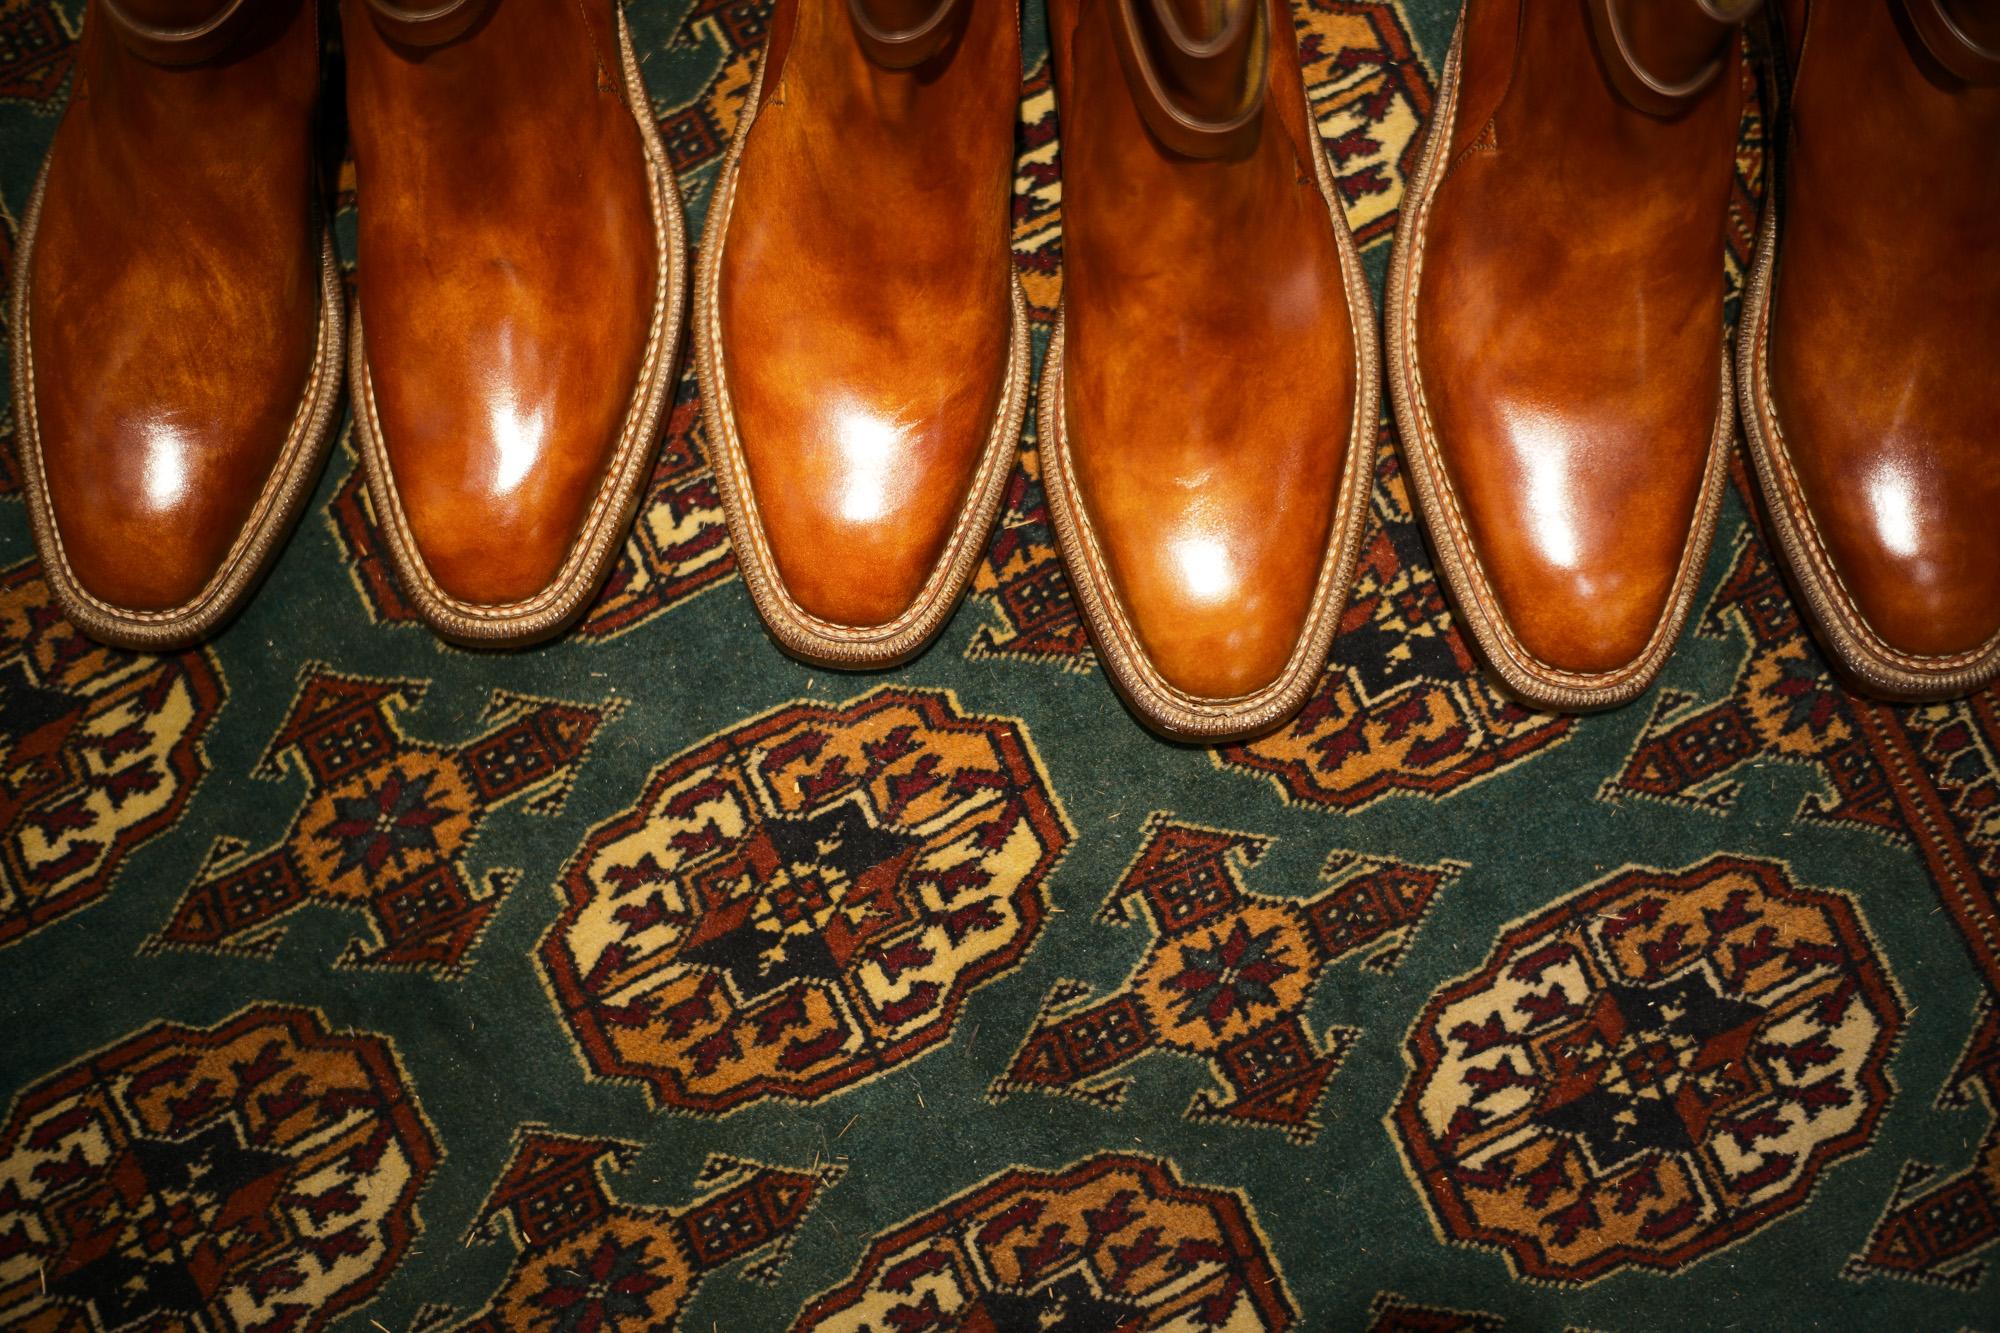 ENZO BONAFE (エンツォボナフェ) 【ART.EB-13】 Jodhpur boots BONAUDO MUSEUM CALF LEATHER ボナウド社ミュージアムカーフレザー ジョッパーブーツ NEW GOLD (ニューゴールド) made in italy (イタリア製) 2018 春夏新作 enozbonafe eb13 ジョッパーブーツ ブーツ 愛知 名古屋 ZODIAC ゾディアック